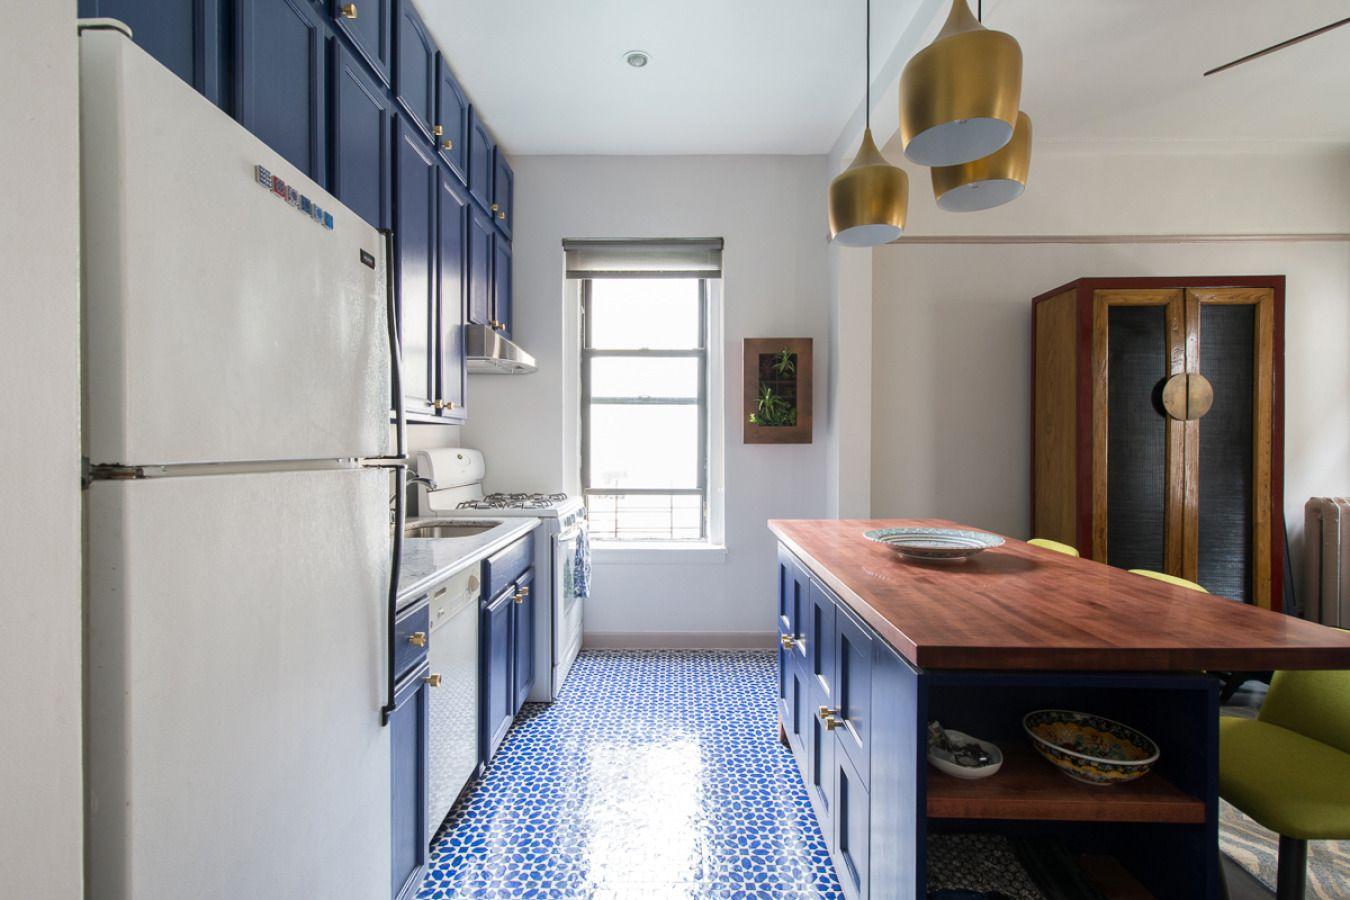 cocina de inspiración marroquí con azulejo marroquí